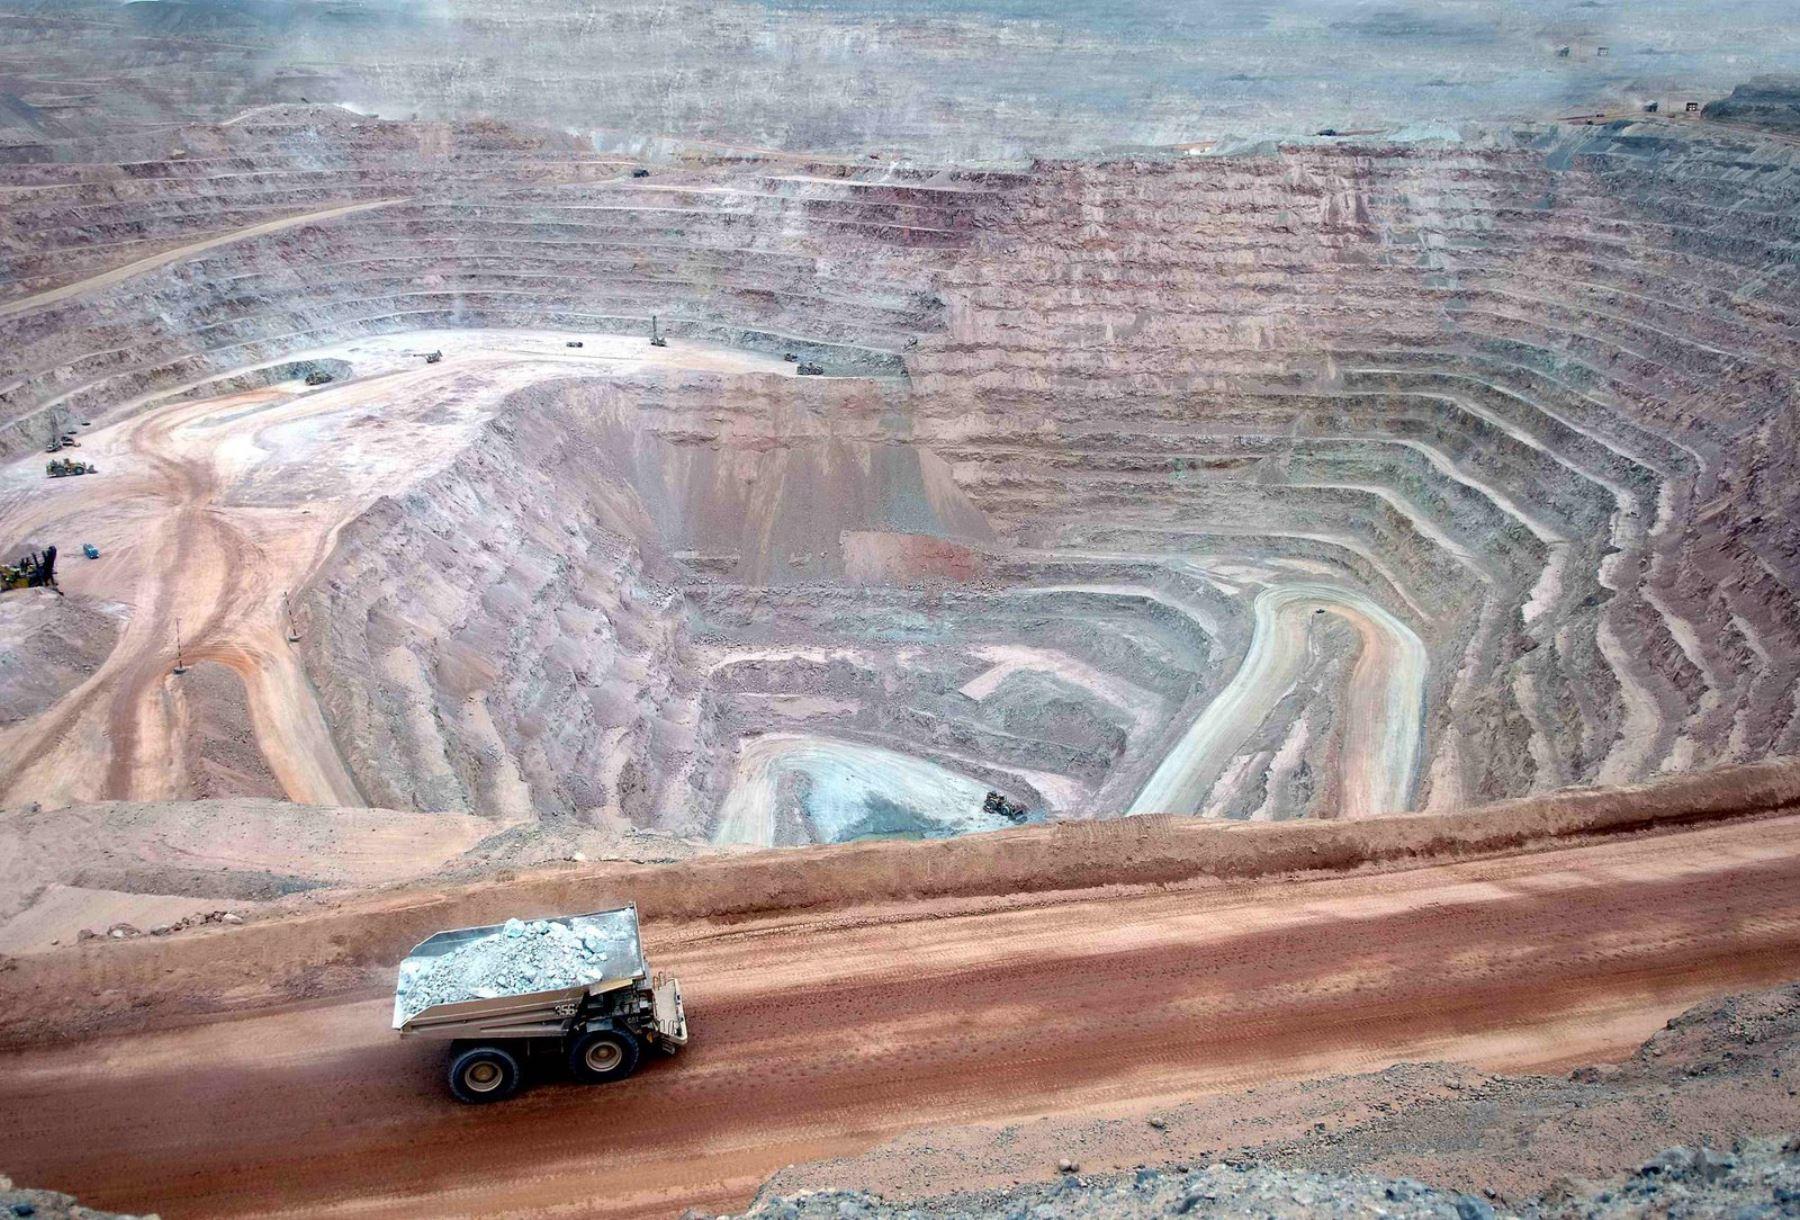 Southern Perú planea desarrollar 4 proyectos por US$ 8,000 millones al 2025